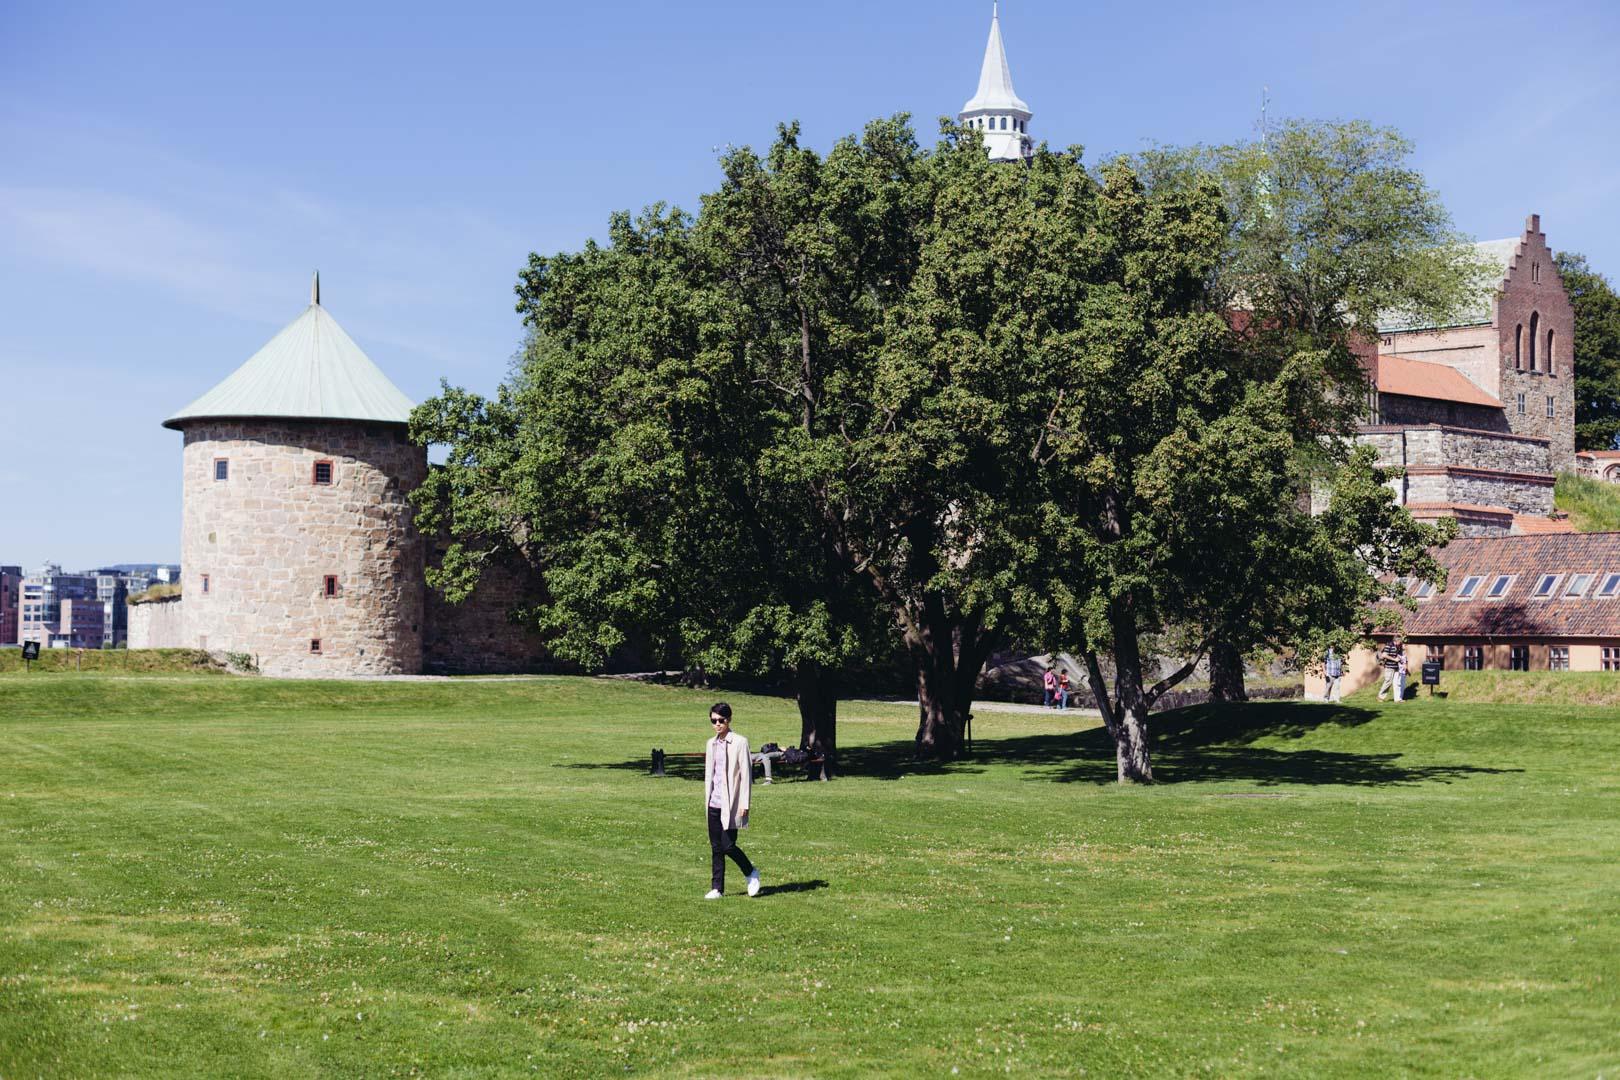 Le-Sycomore_Travel_Oslo_Akershus_4.jpg